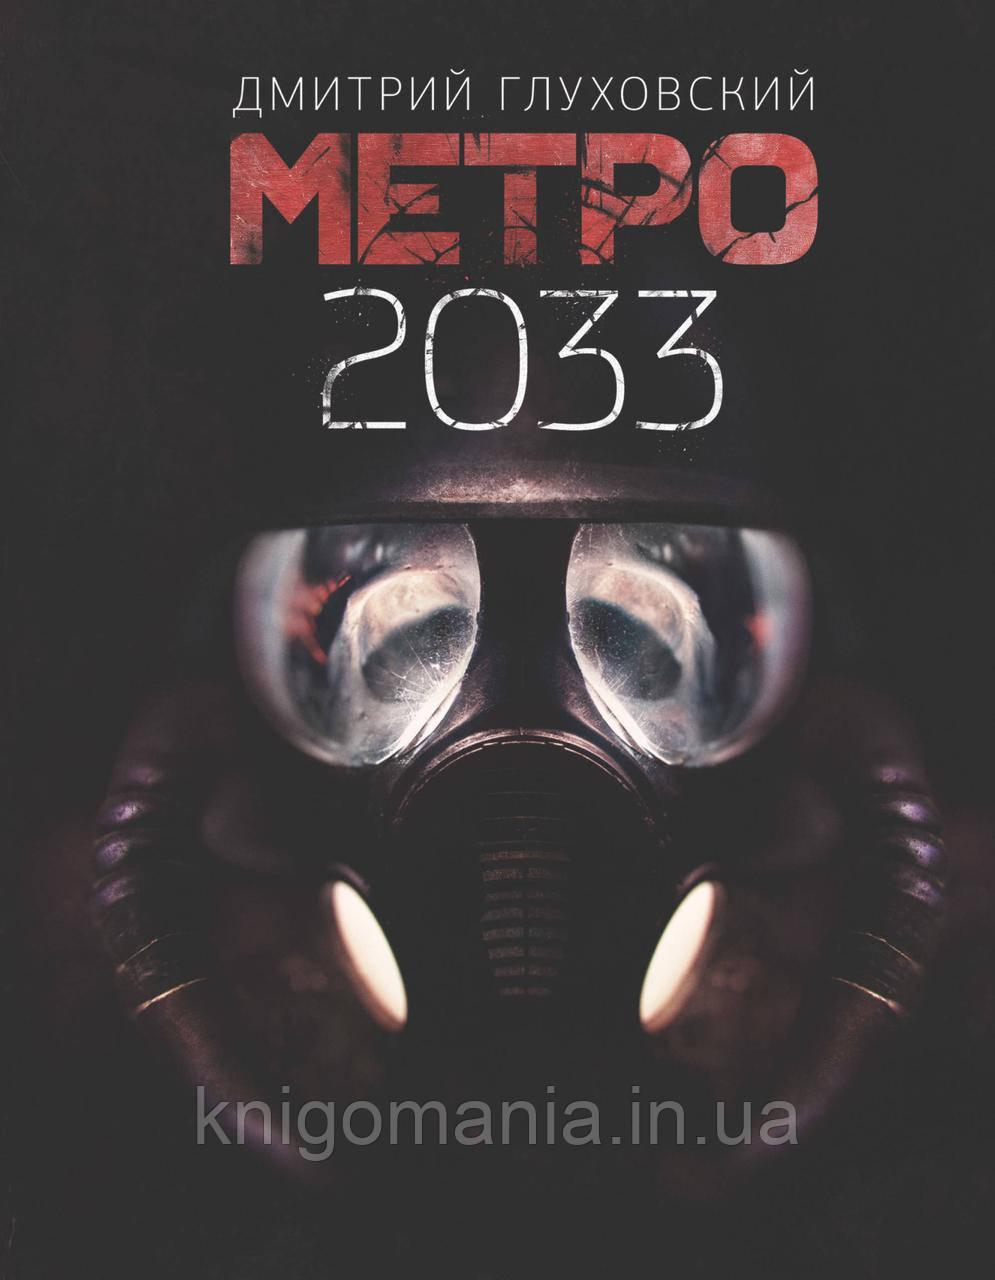 Метро 2033. Дмитрий Глуховский